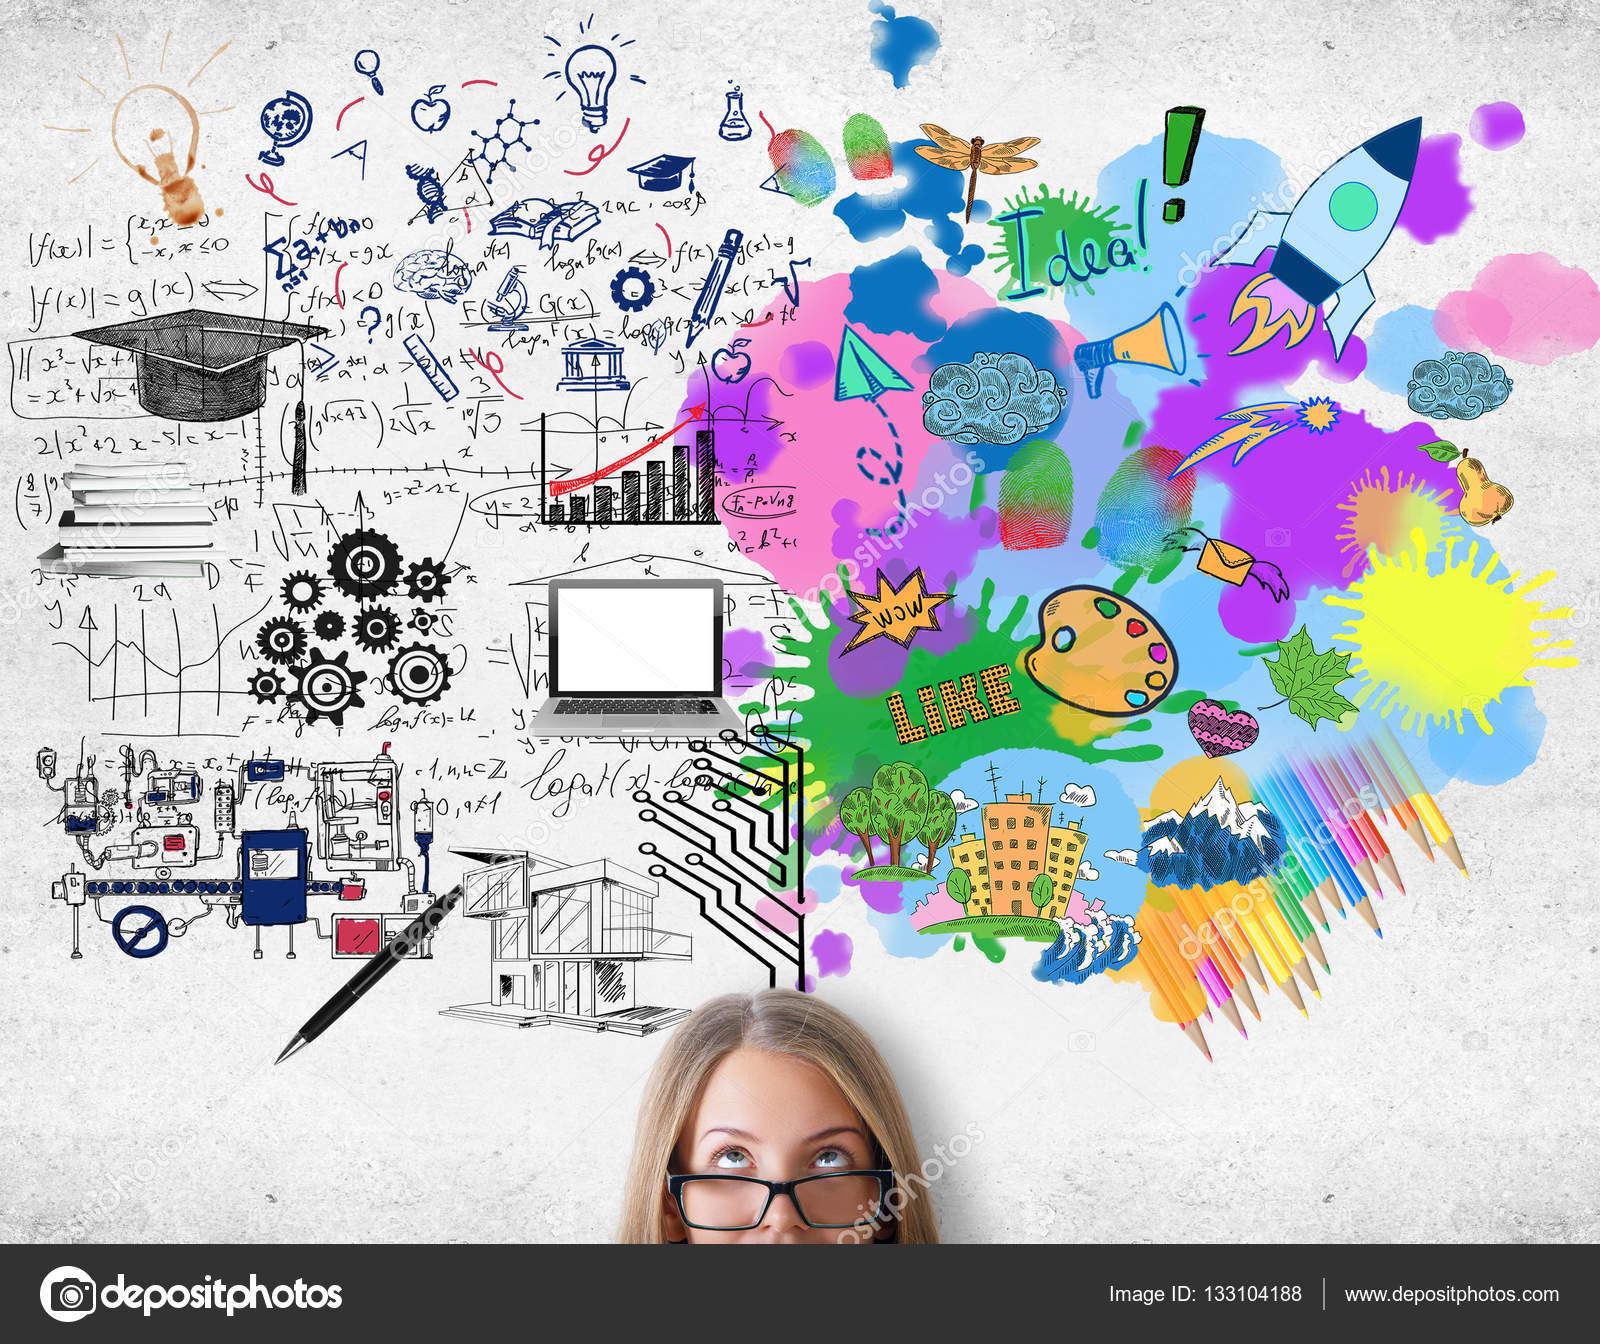 Píntate De Optimismo Y Creatividad: Concepto De Pensamiento Creativo Y Analítico